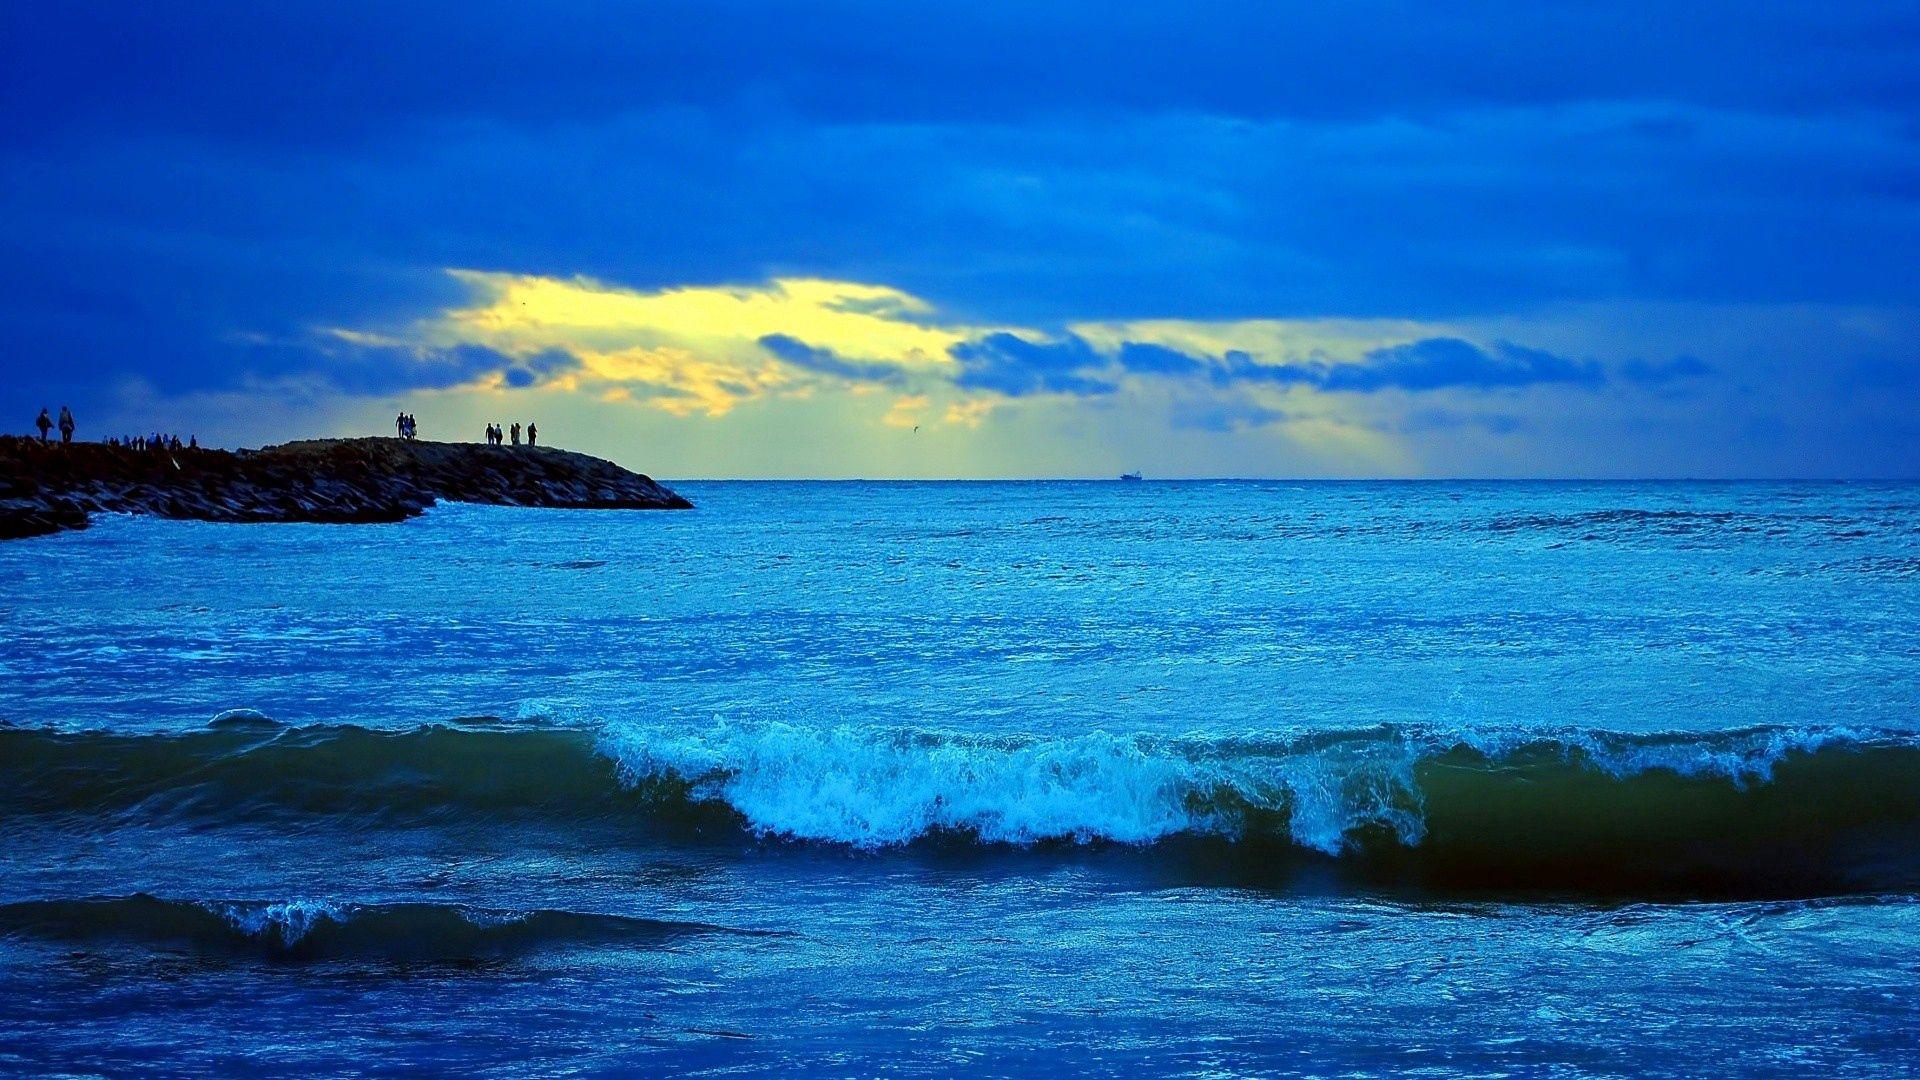 119455 завантажити шпалери Природа, Небо, Море, Хмари, Прибій, Пошуку - заставки і картинки безкоштовно